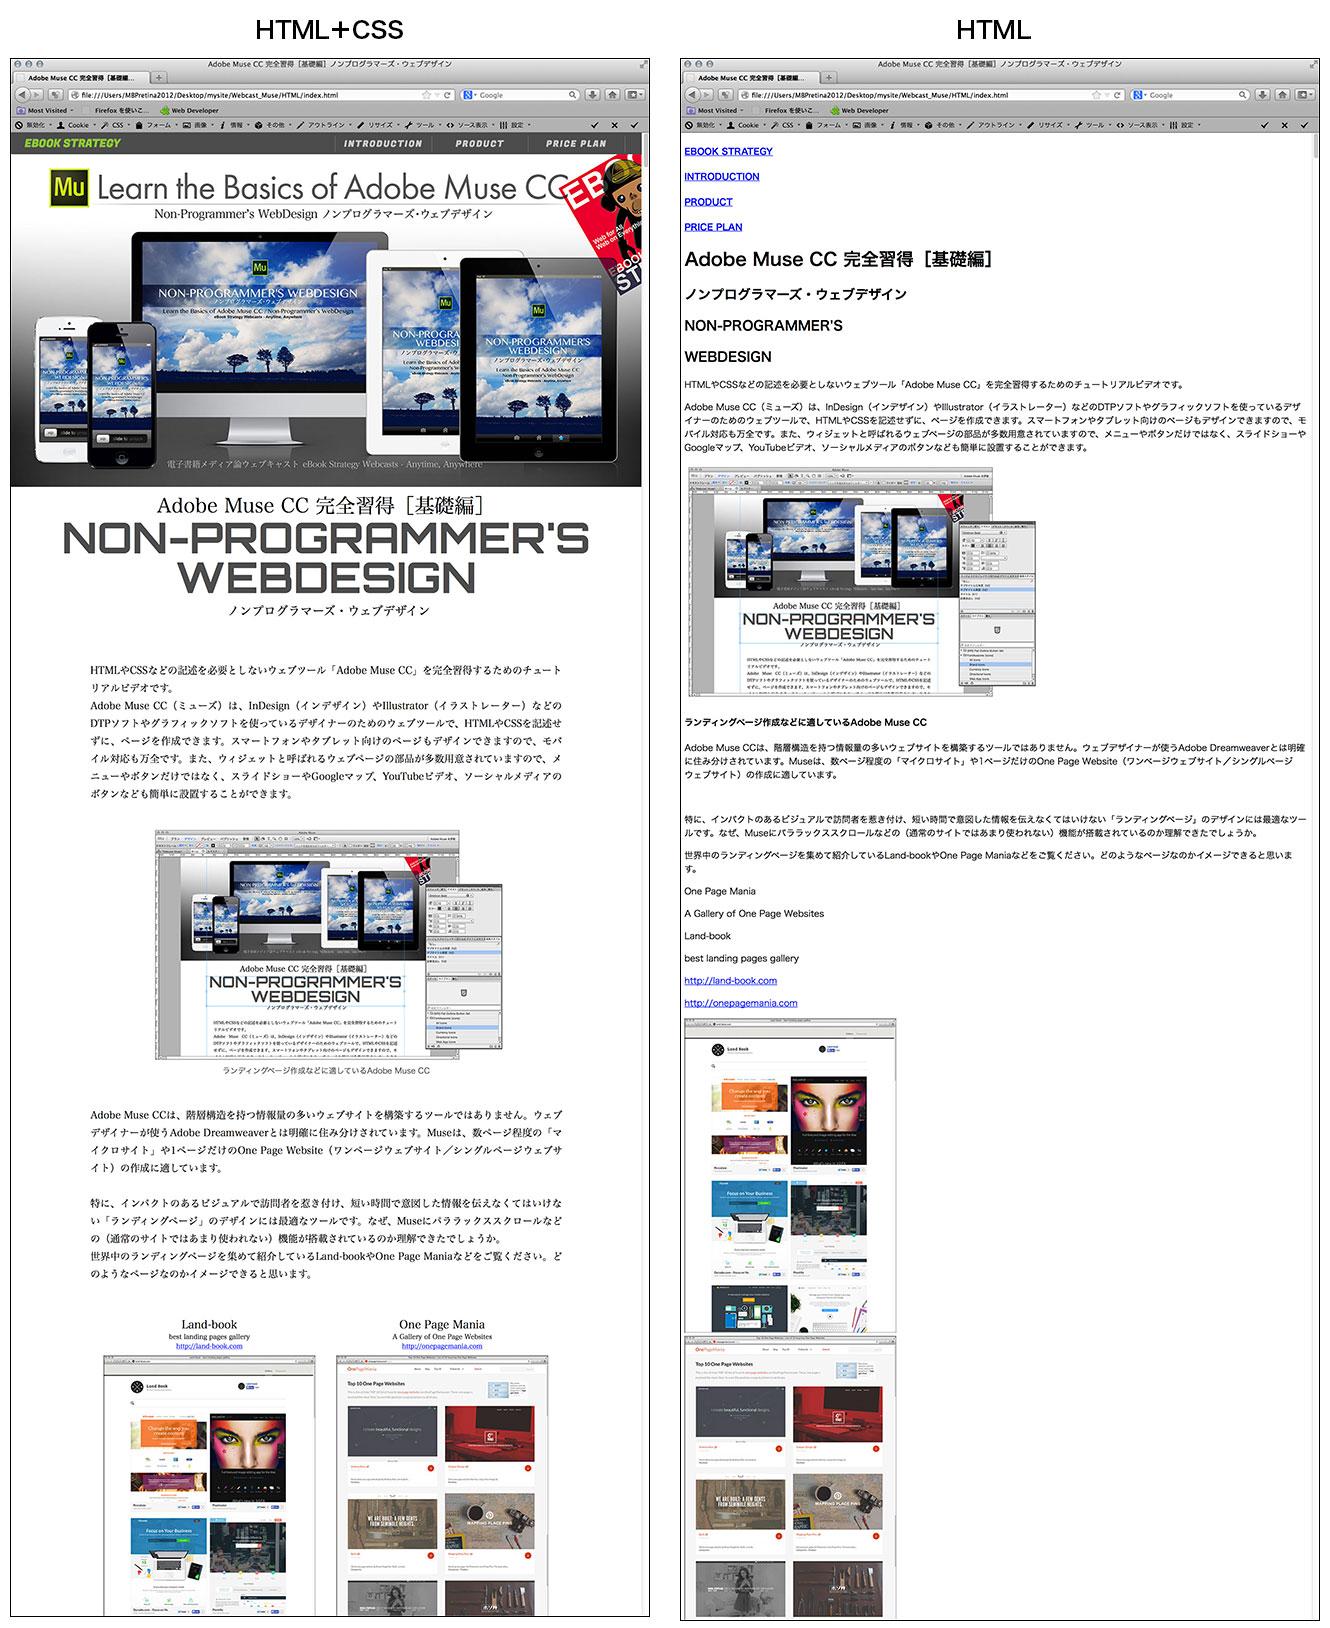 Museで作成したページをCSSを無効にしたページの比較